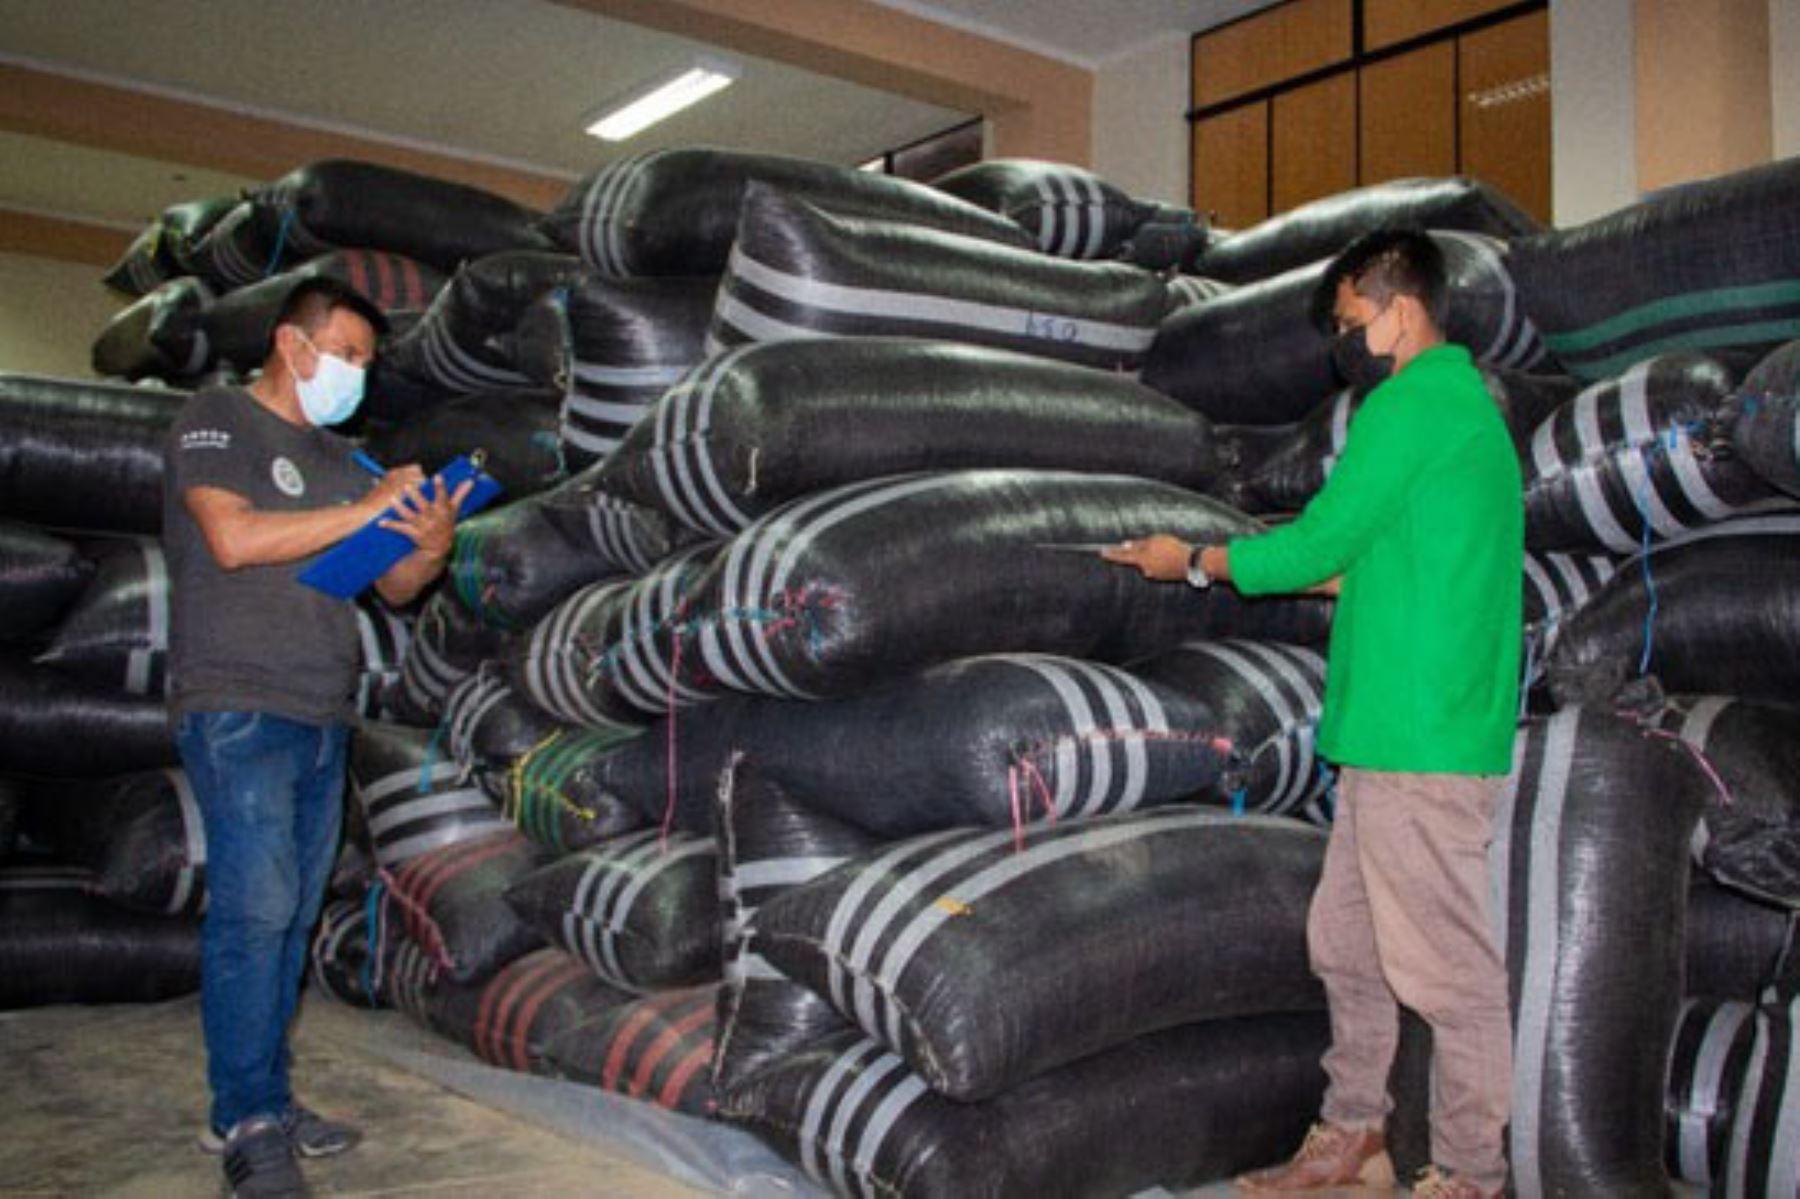 Caficultores asistidos por Devida logran vender más de 50 toneladas de café orgánico y convencional. Foto: Devida/Difusión